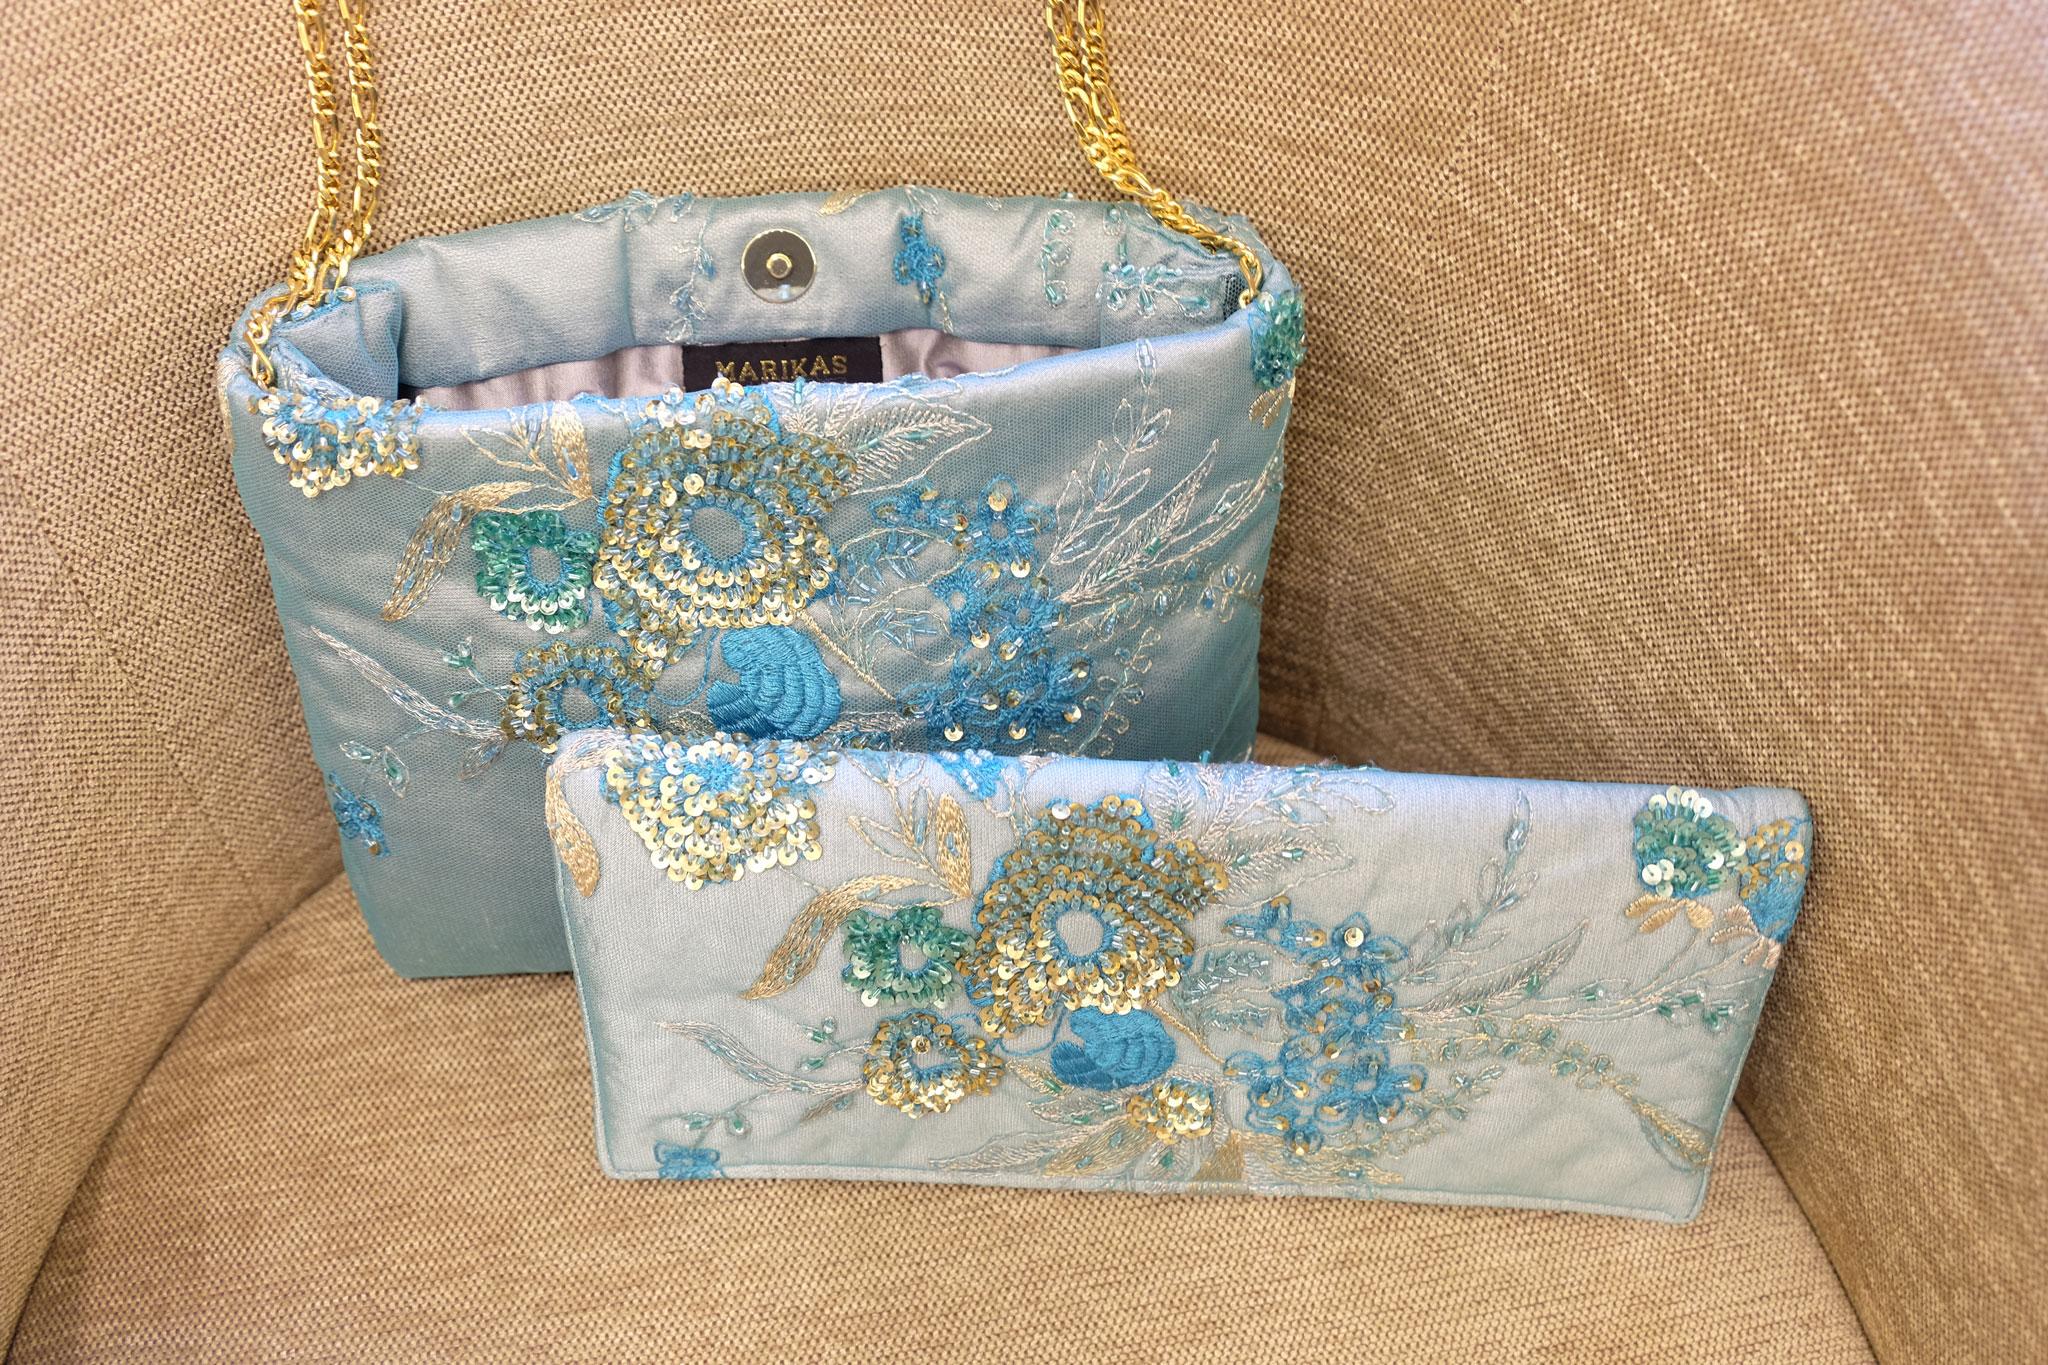 fb51f5266dc32 Marikas  Zwei Models stehen für traditionelle Werte und haben ein eigenes  Label gegründet